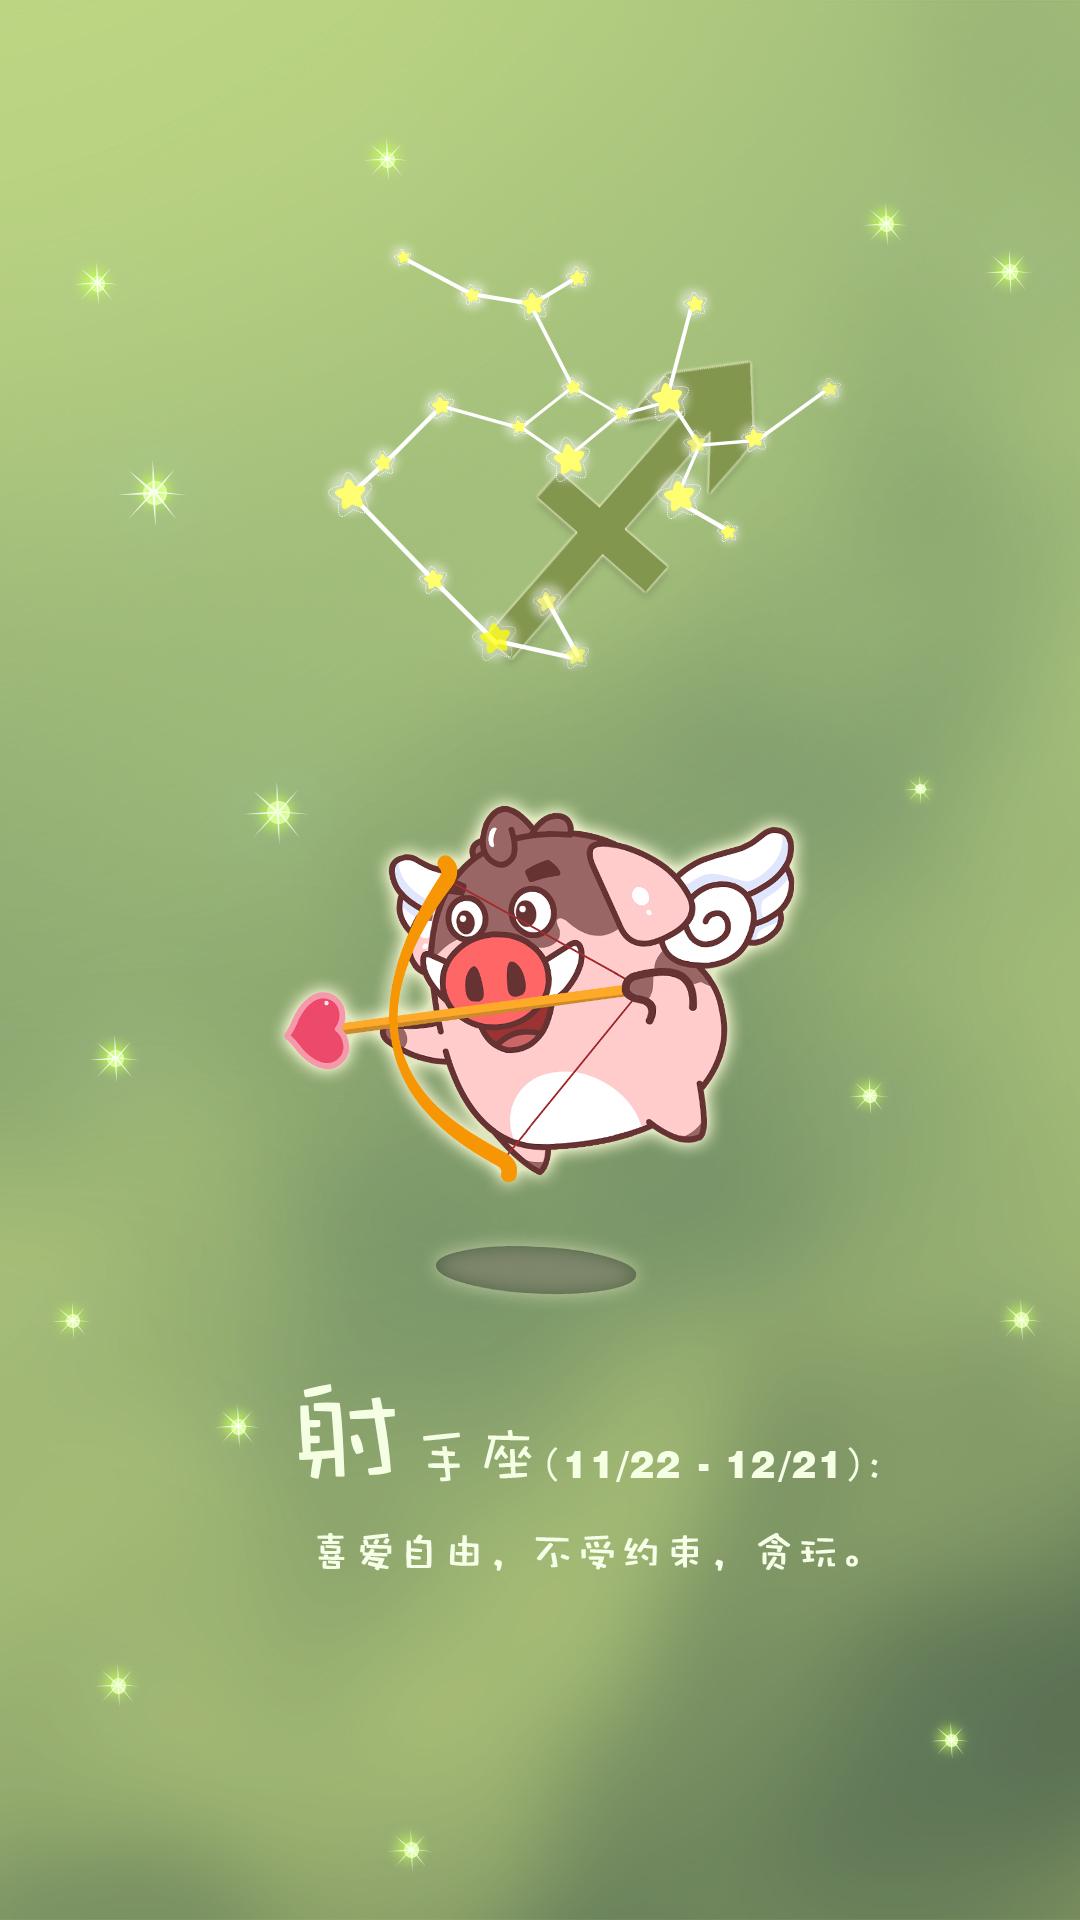 超可爱的《小猪滚滚》星座手机壁纸【1080*1920】12p